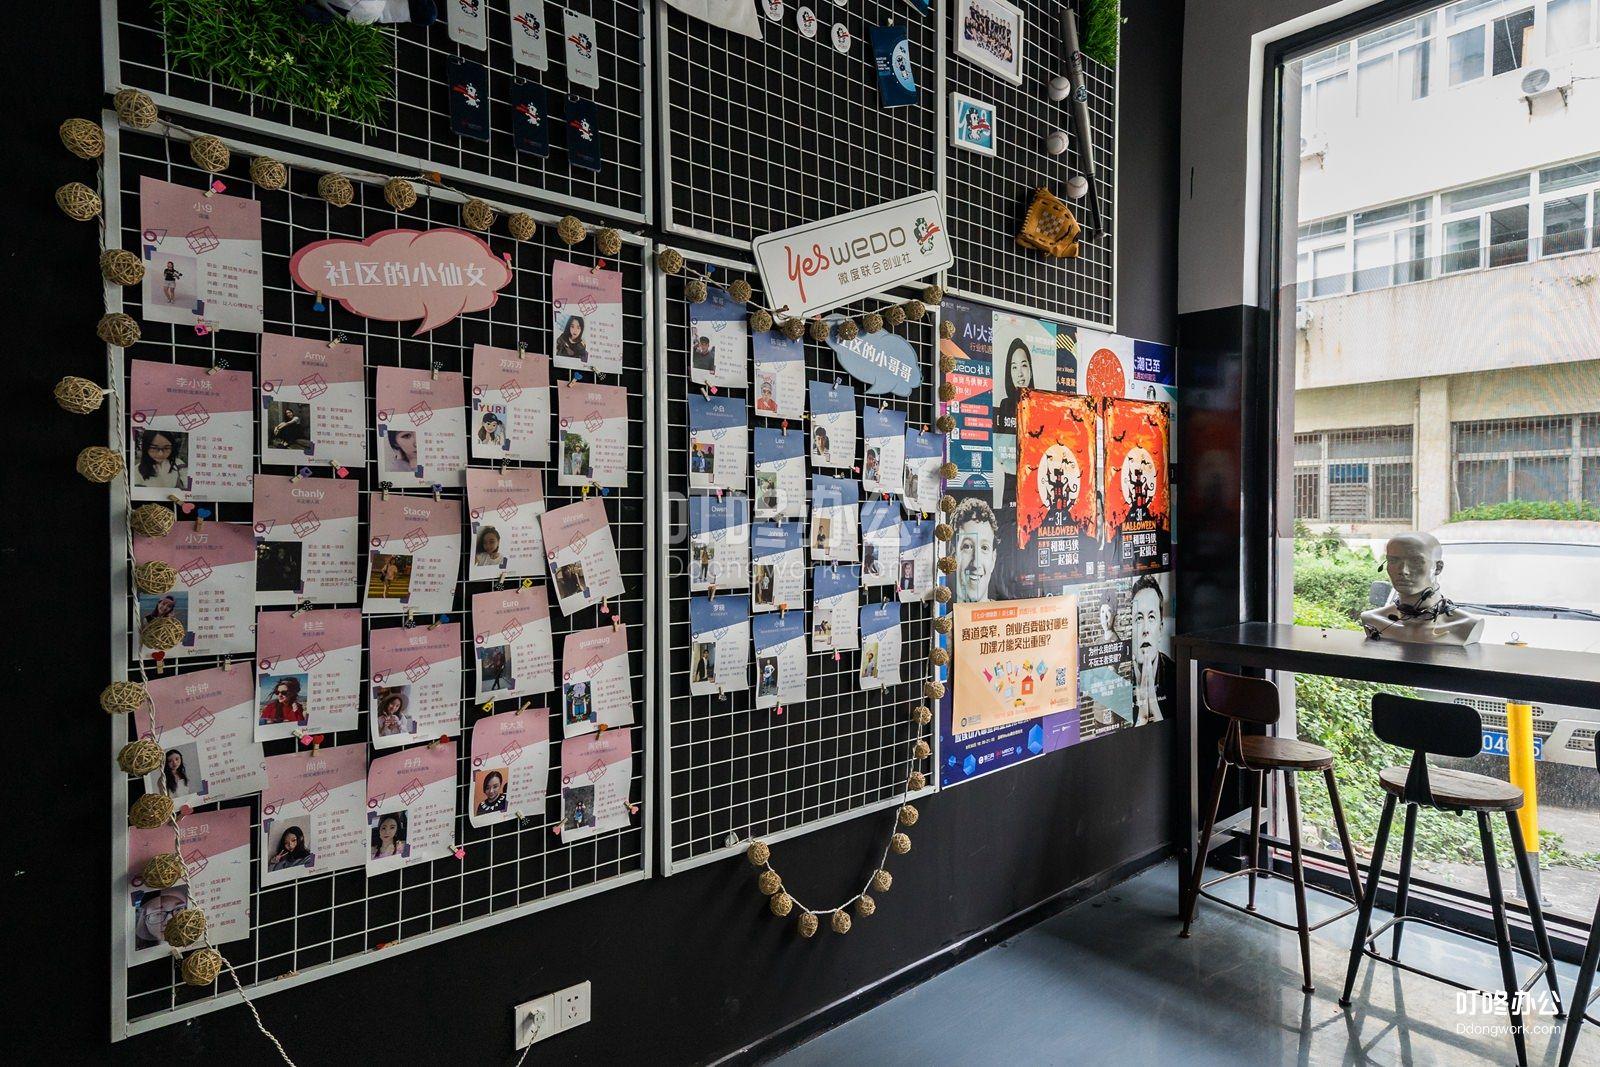 Wedo联合创业社「创业路社区」走廊